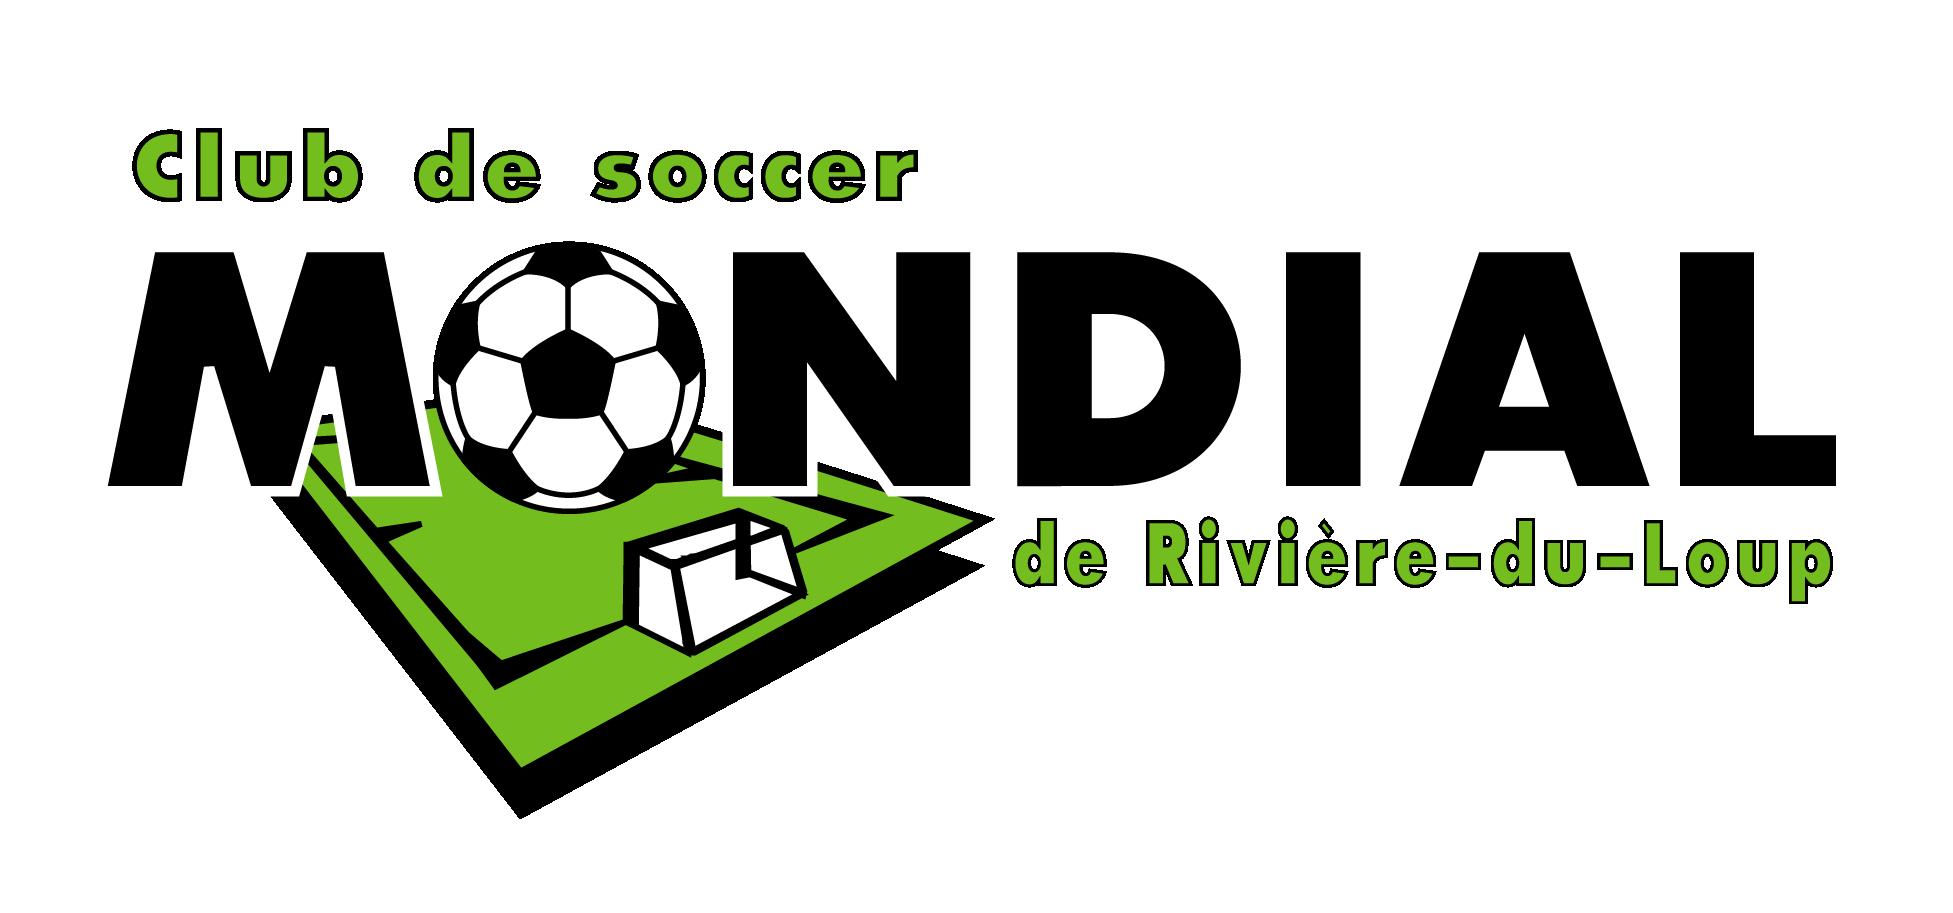 Club de soccer le Mondial de Rivière-du-Loup